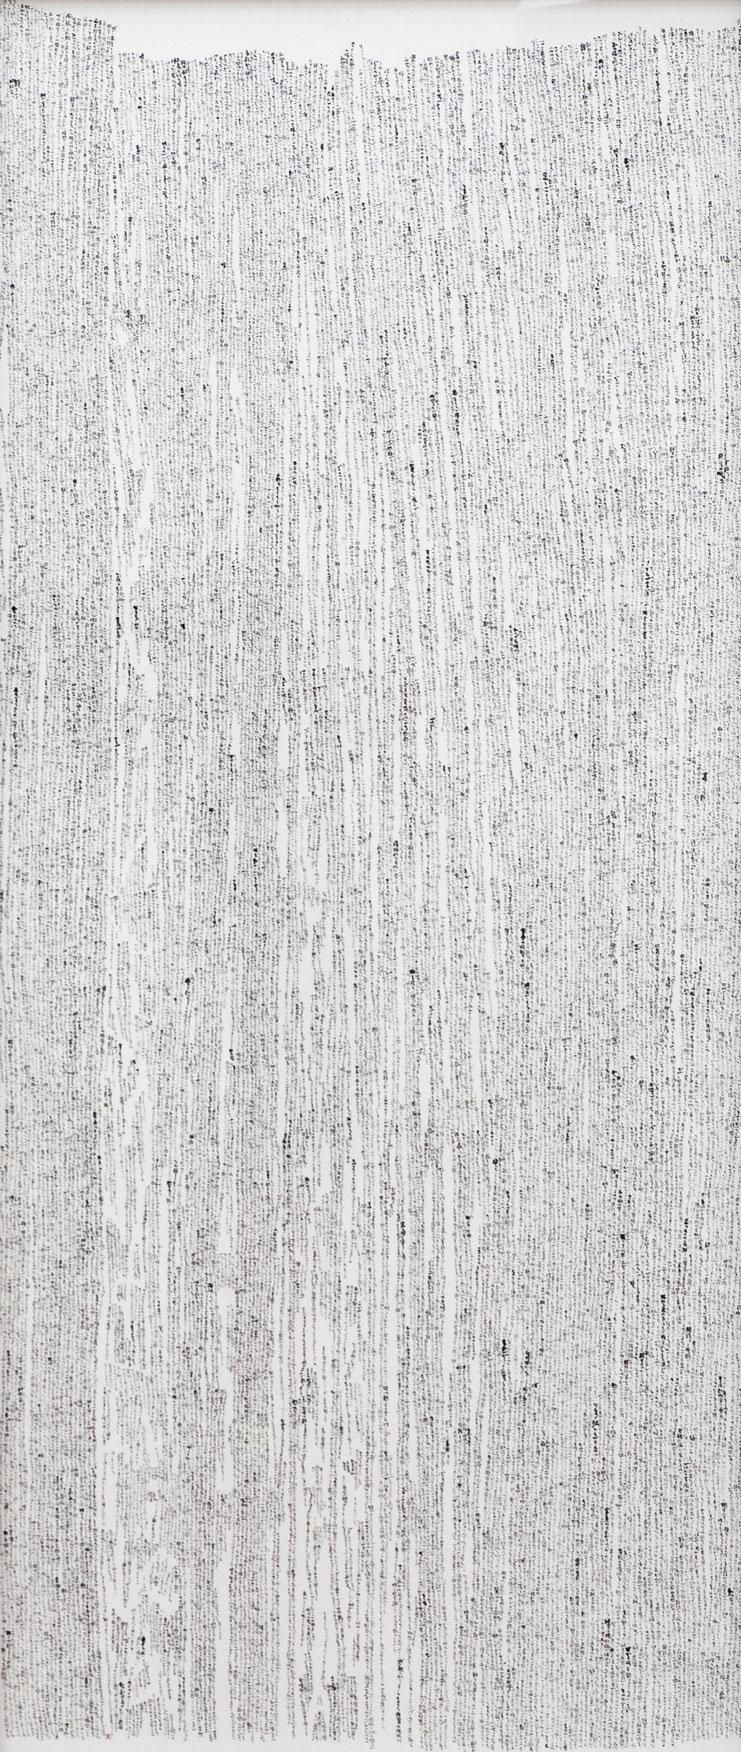 2017-jp-shodo-inspiration-391.jpg